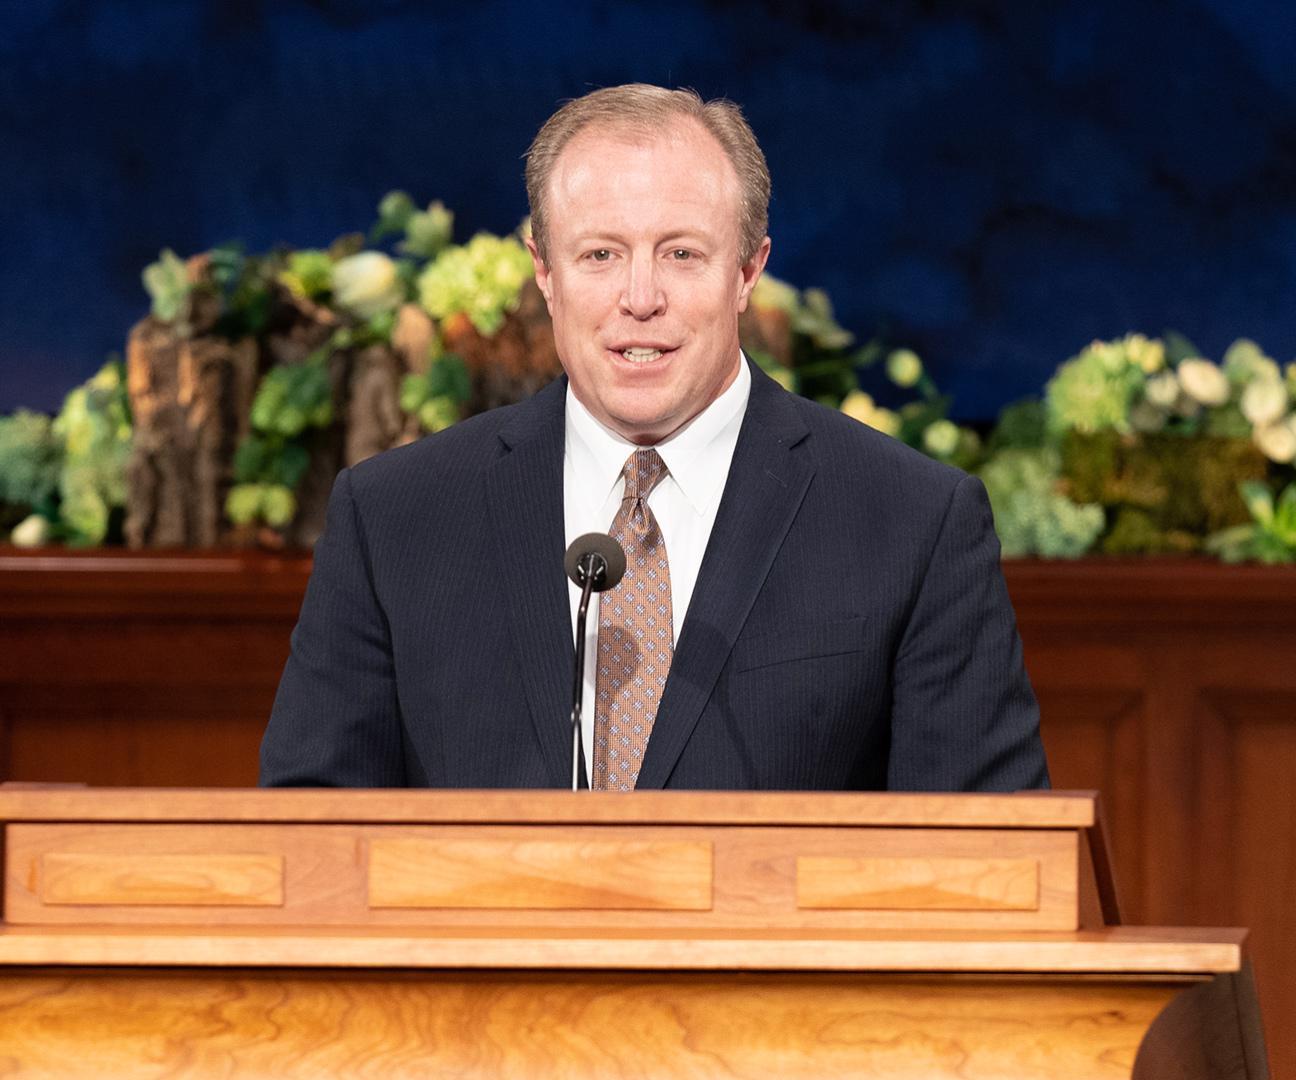 Kevin R. Jergensen